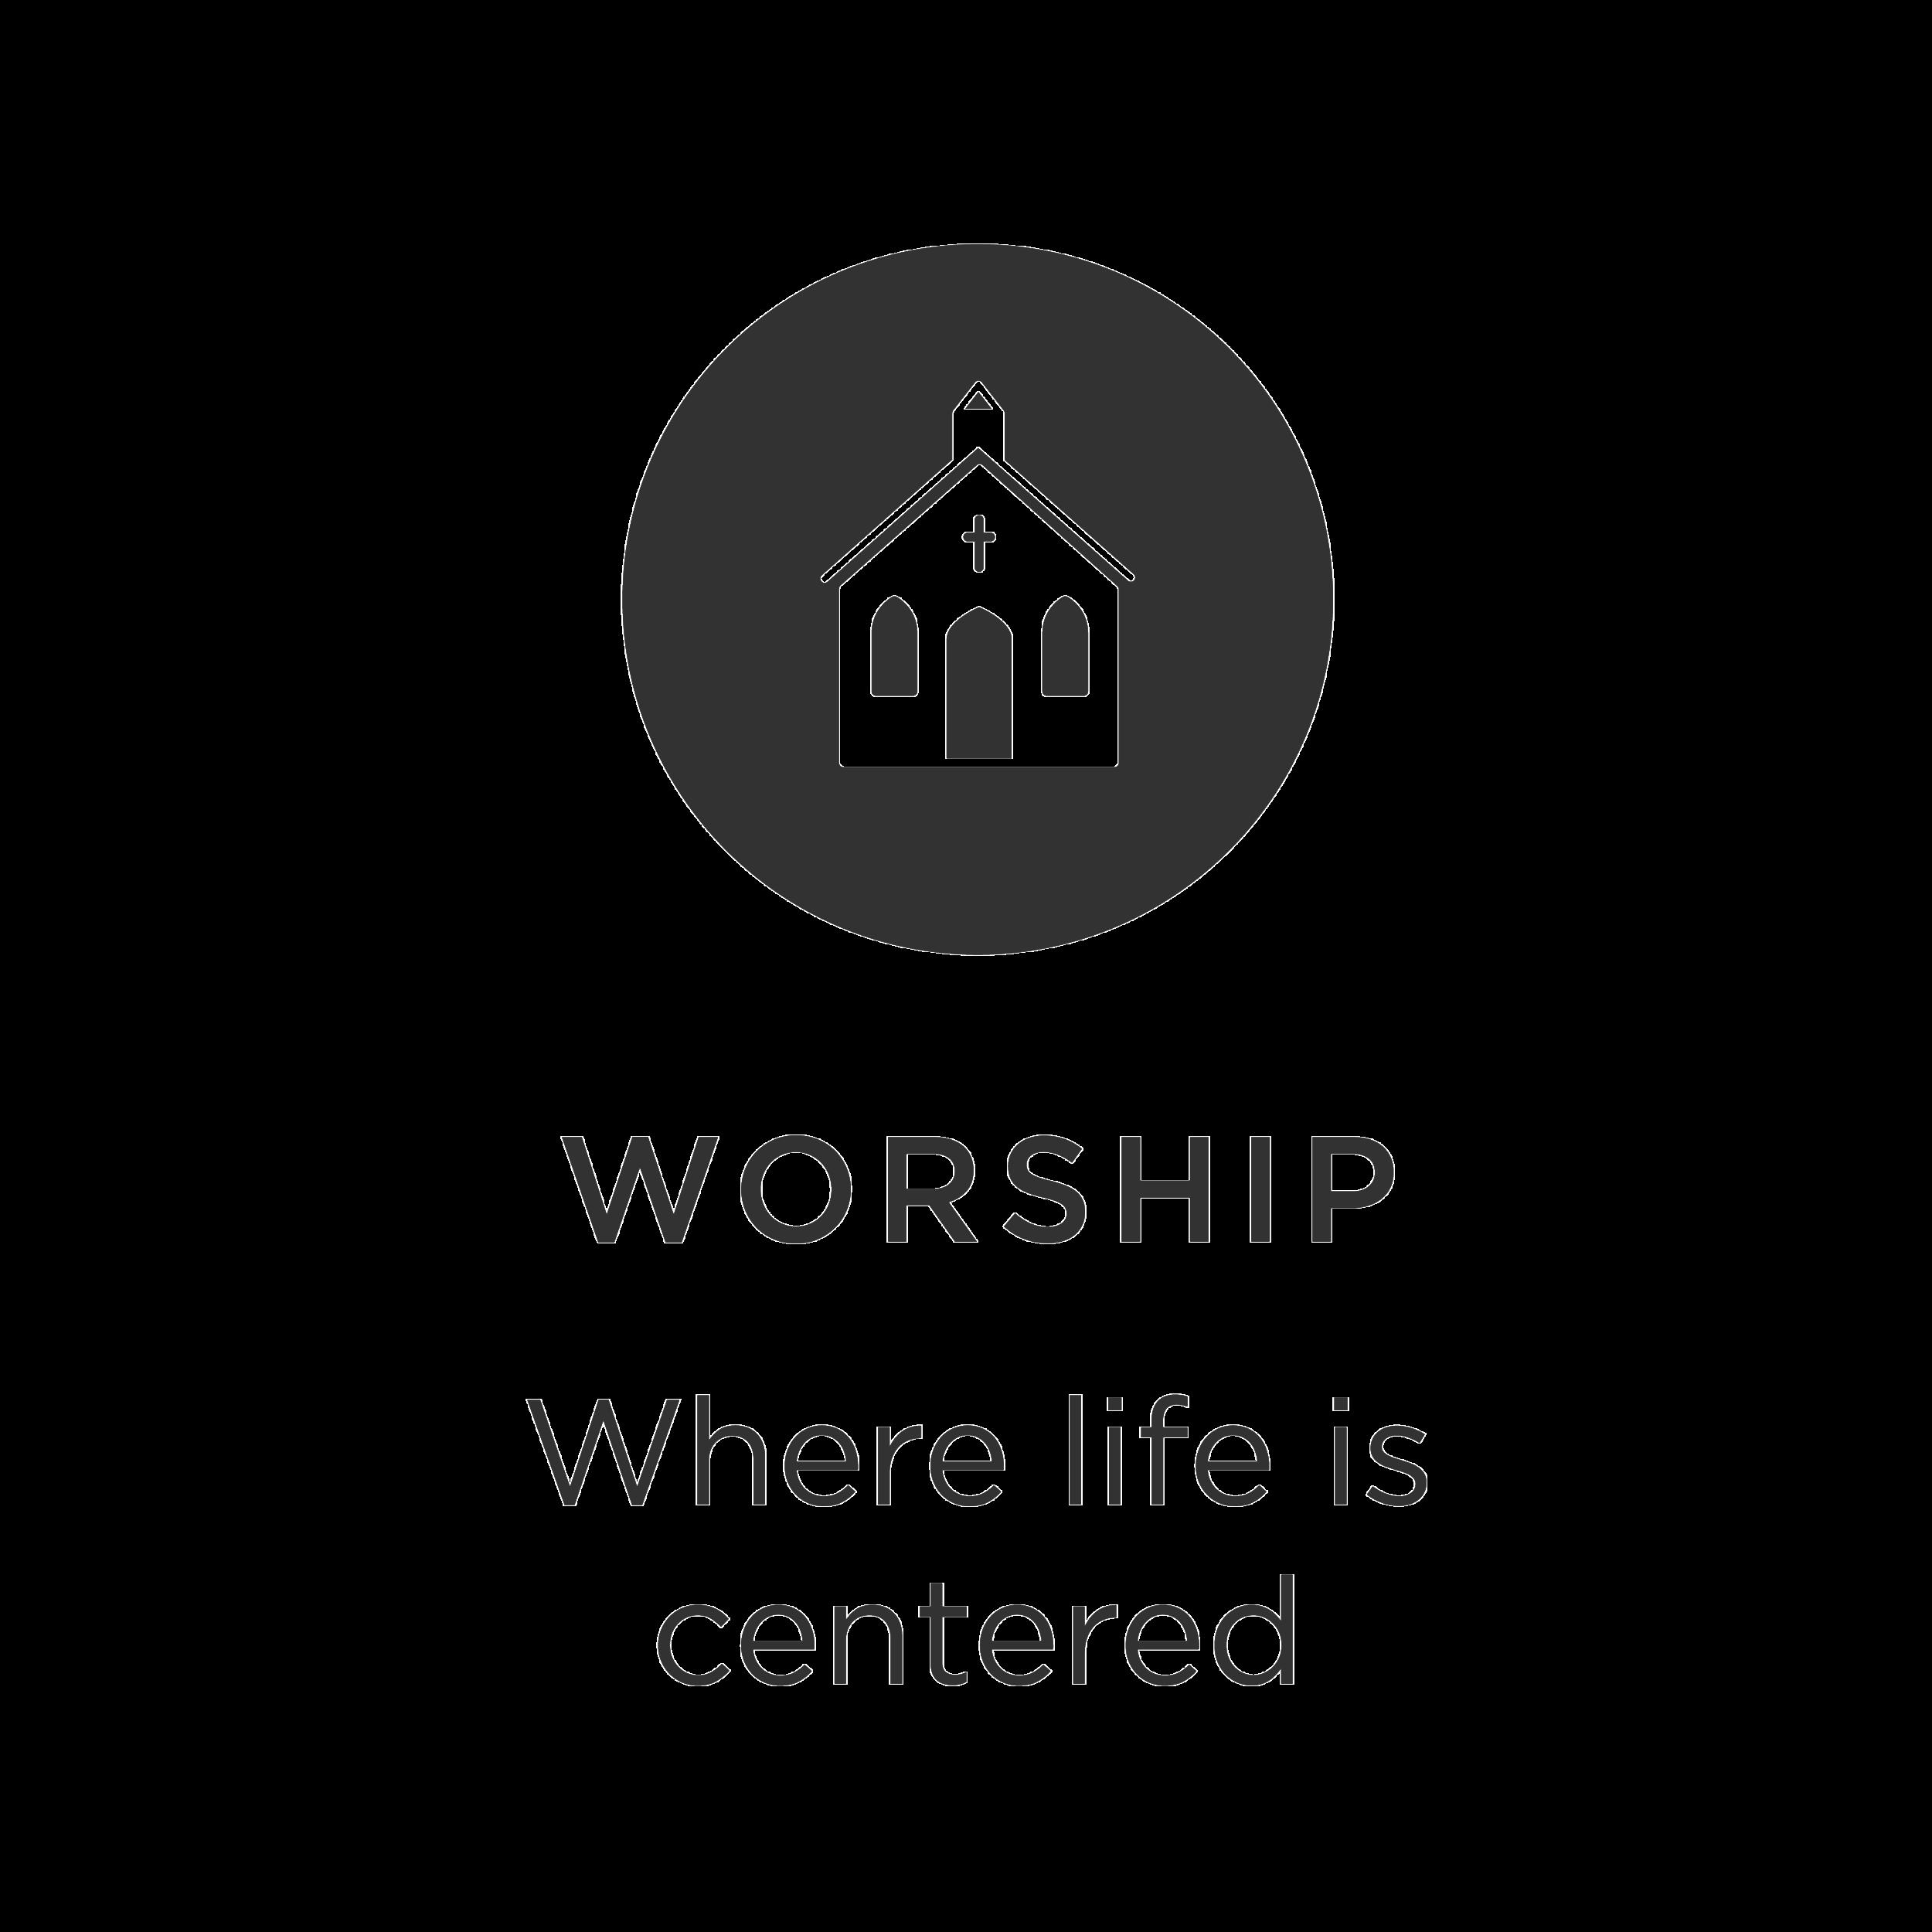 worship-01.png